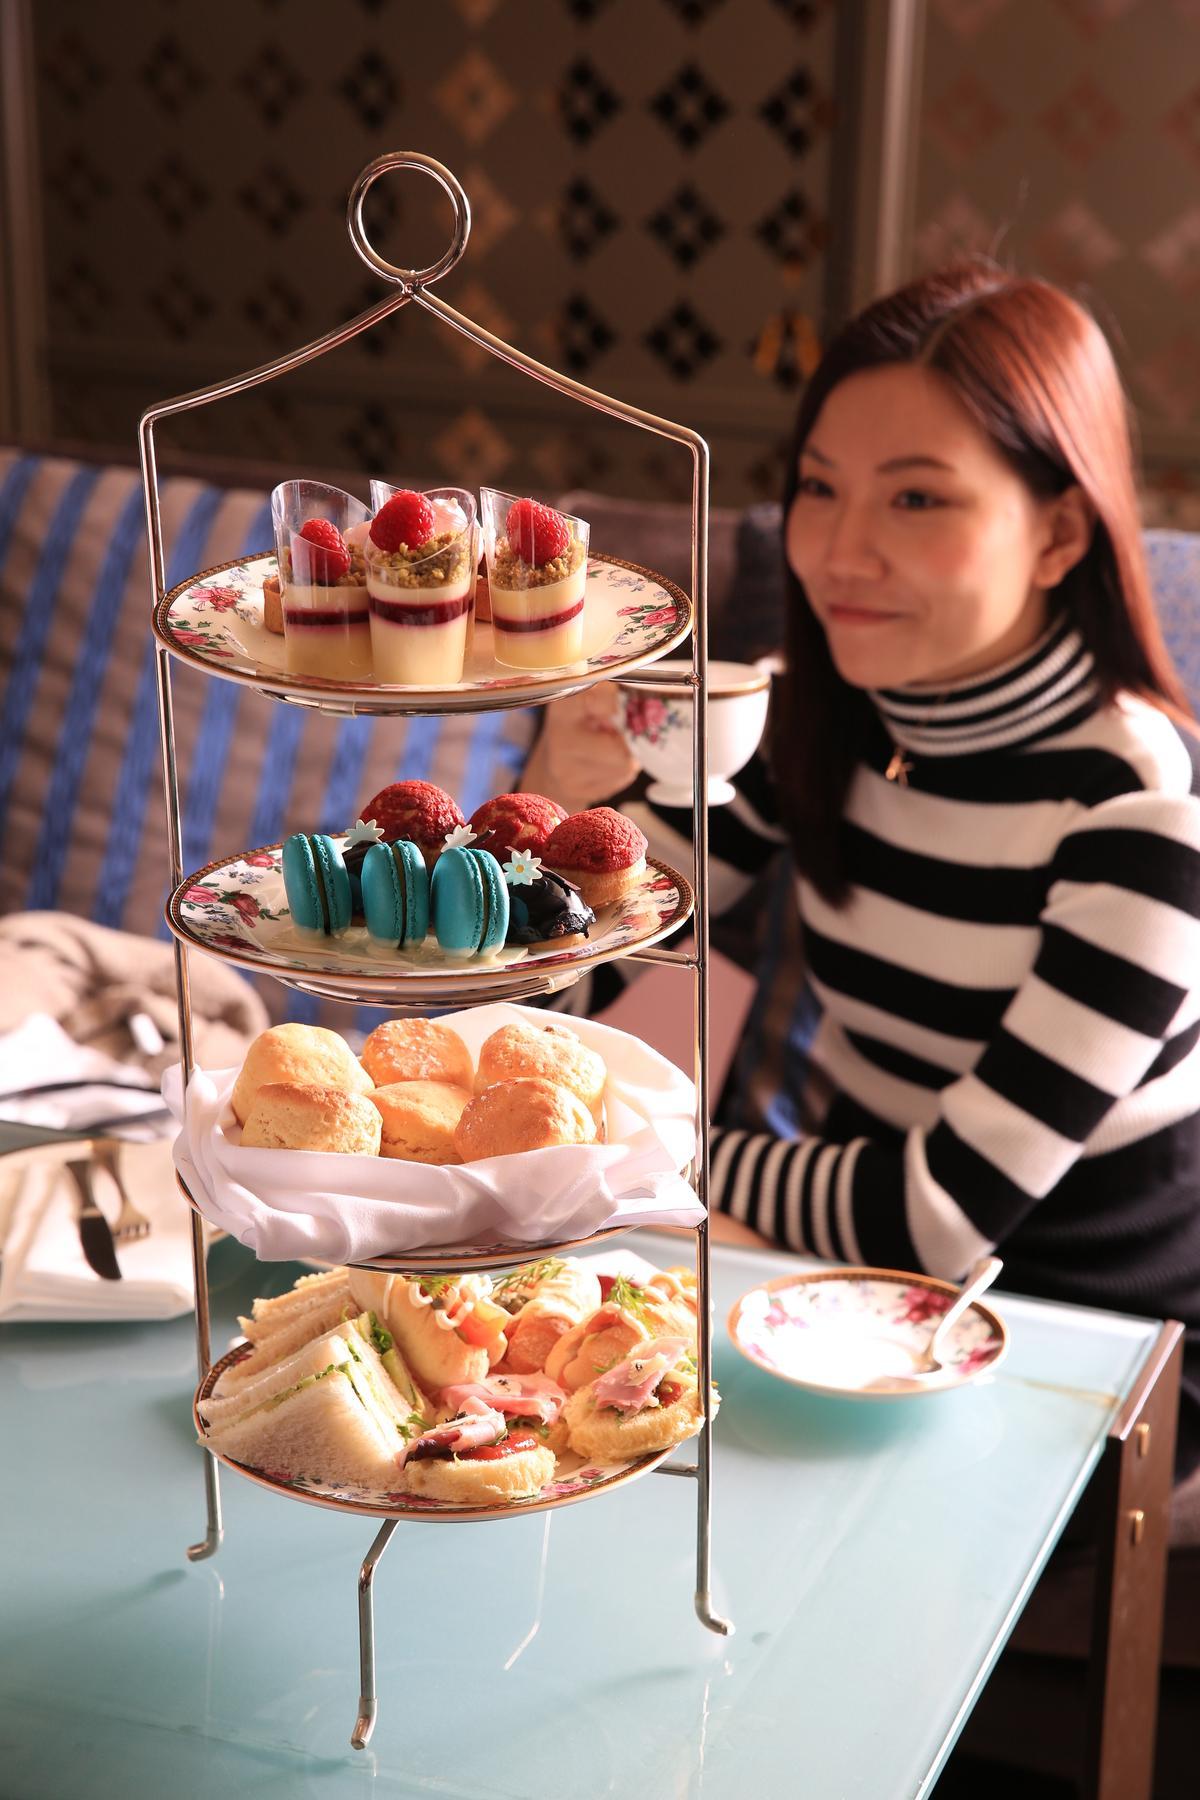 酒店裡的「ARIA Bar & Lounge」與Wedgwood合作的下午茶,還搭配氣泡酒或香檳,讓貴婦名媛趨之若鶩。(澳幣59元起/人,約NT$1,317)